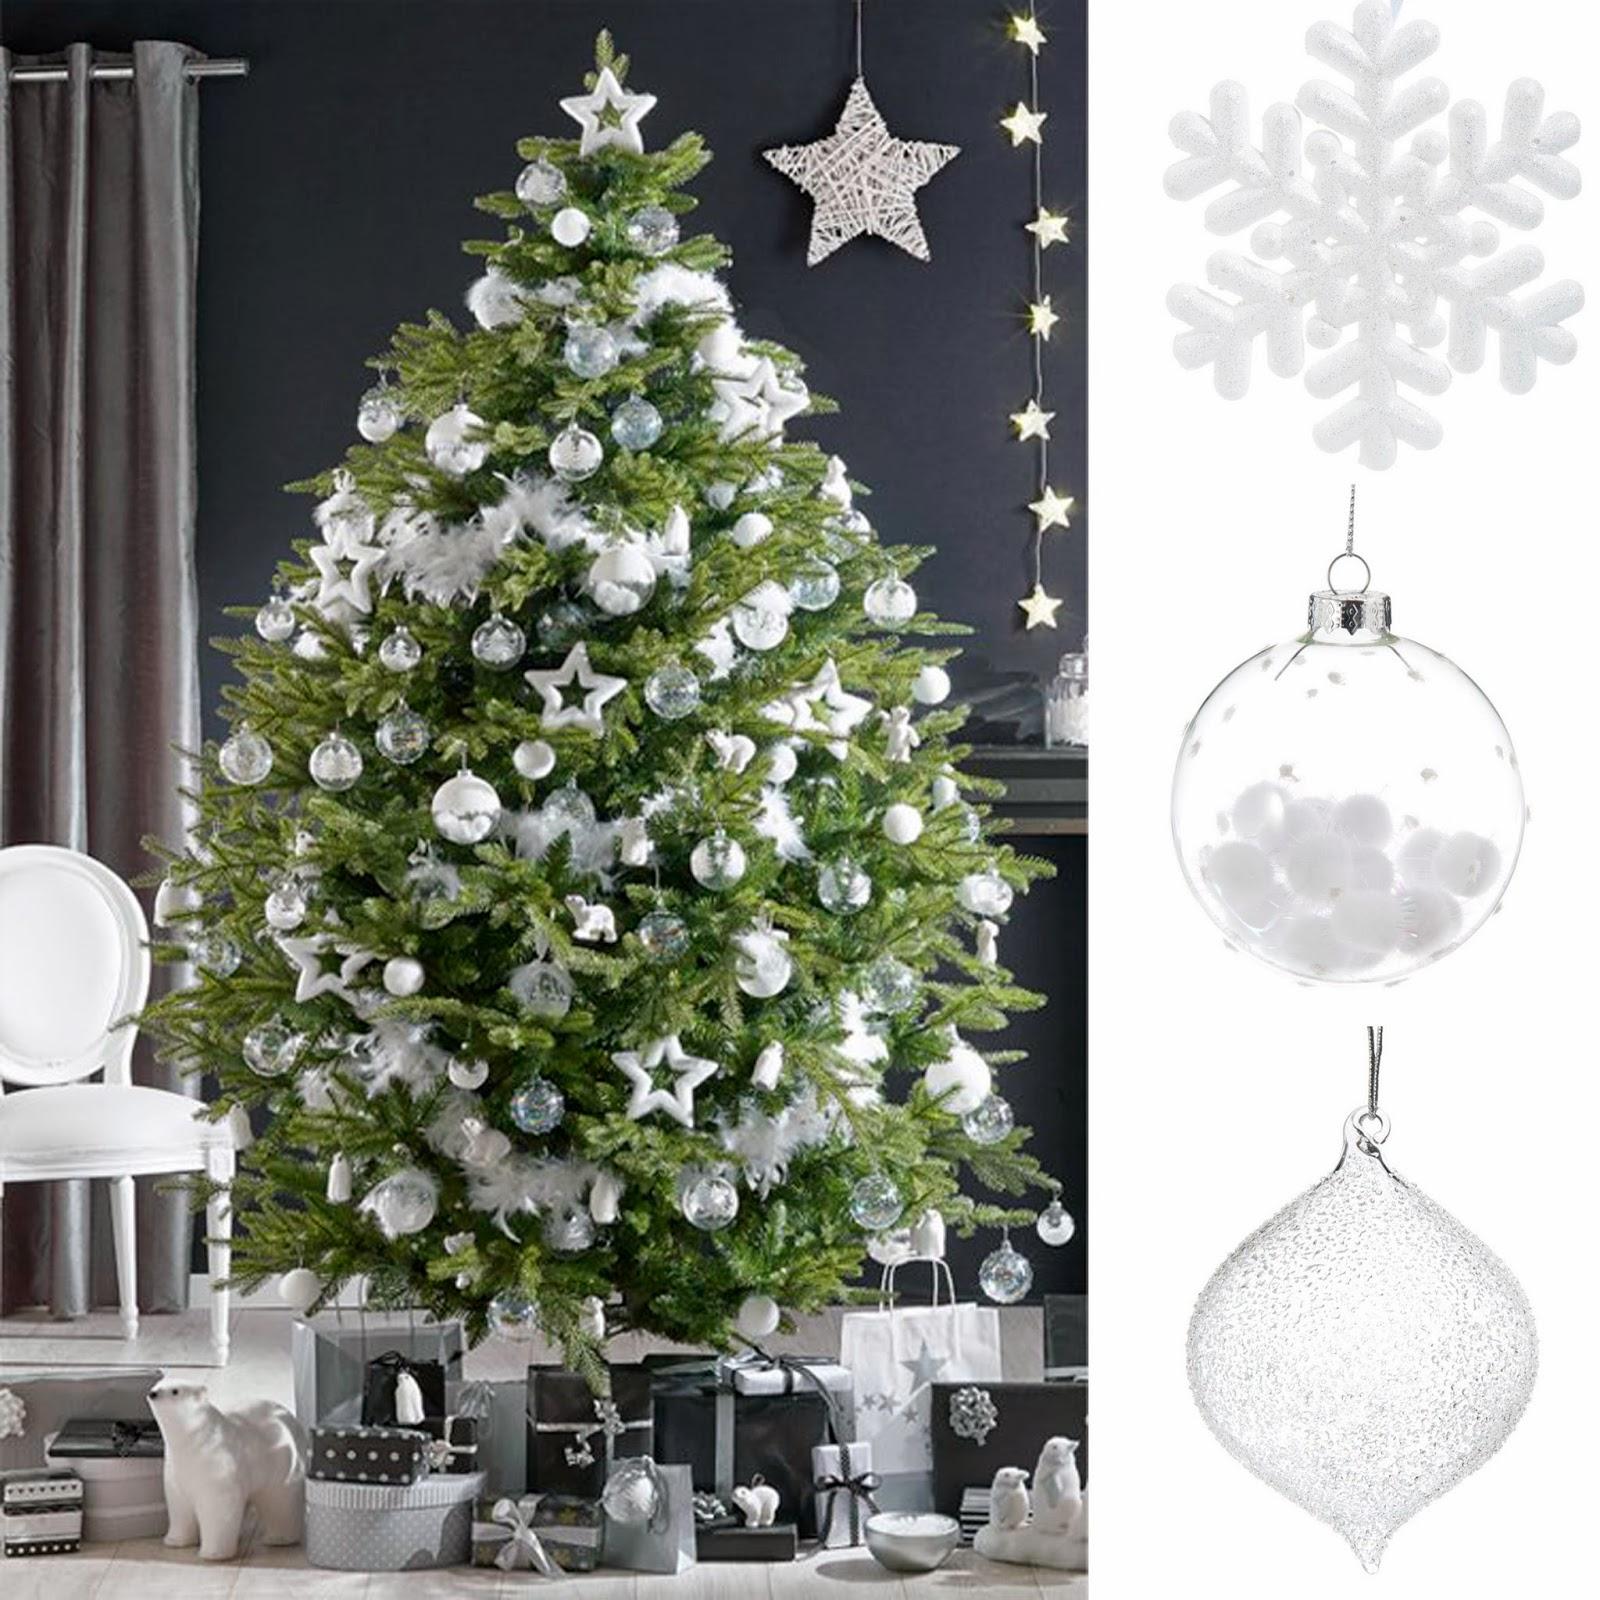 Miss cereza ya se acerca la navidad decoramos - Arbol navidad adornos ...